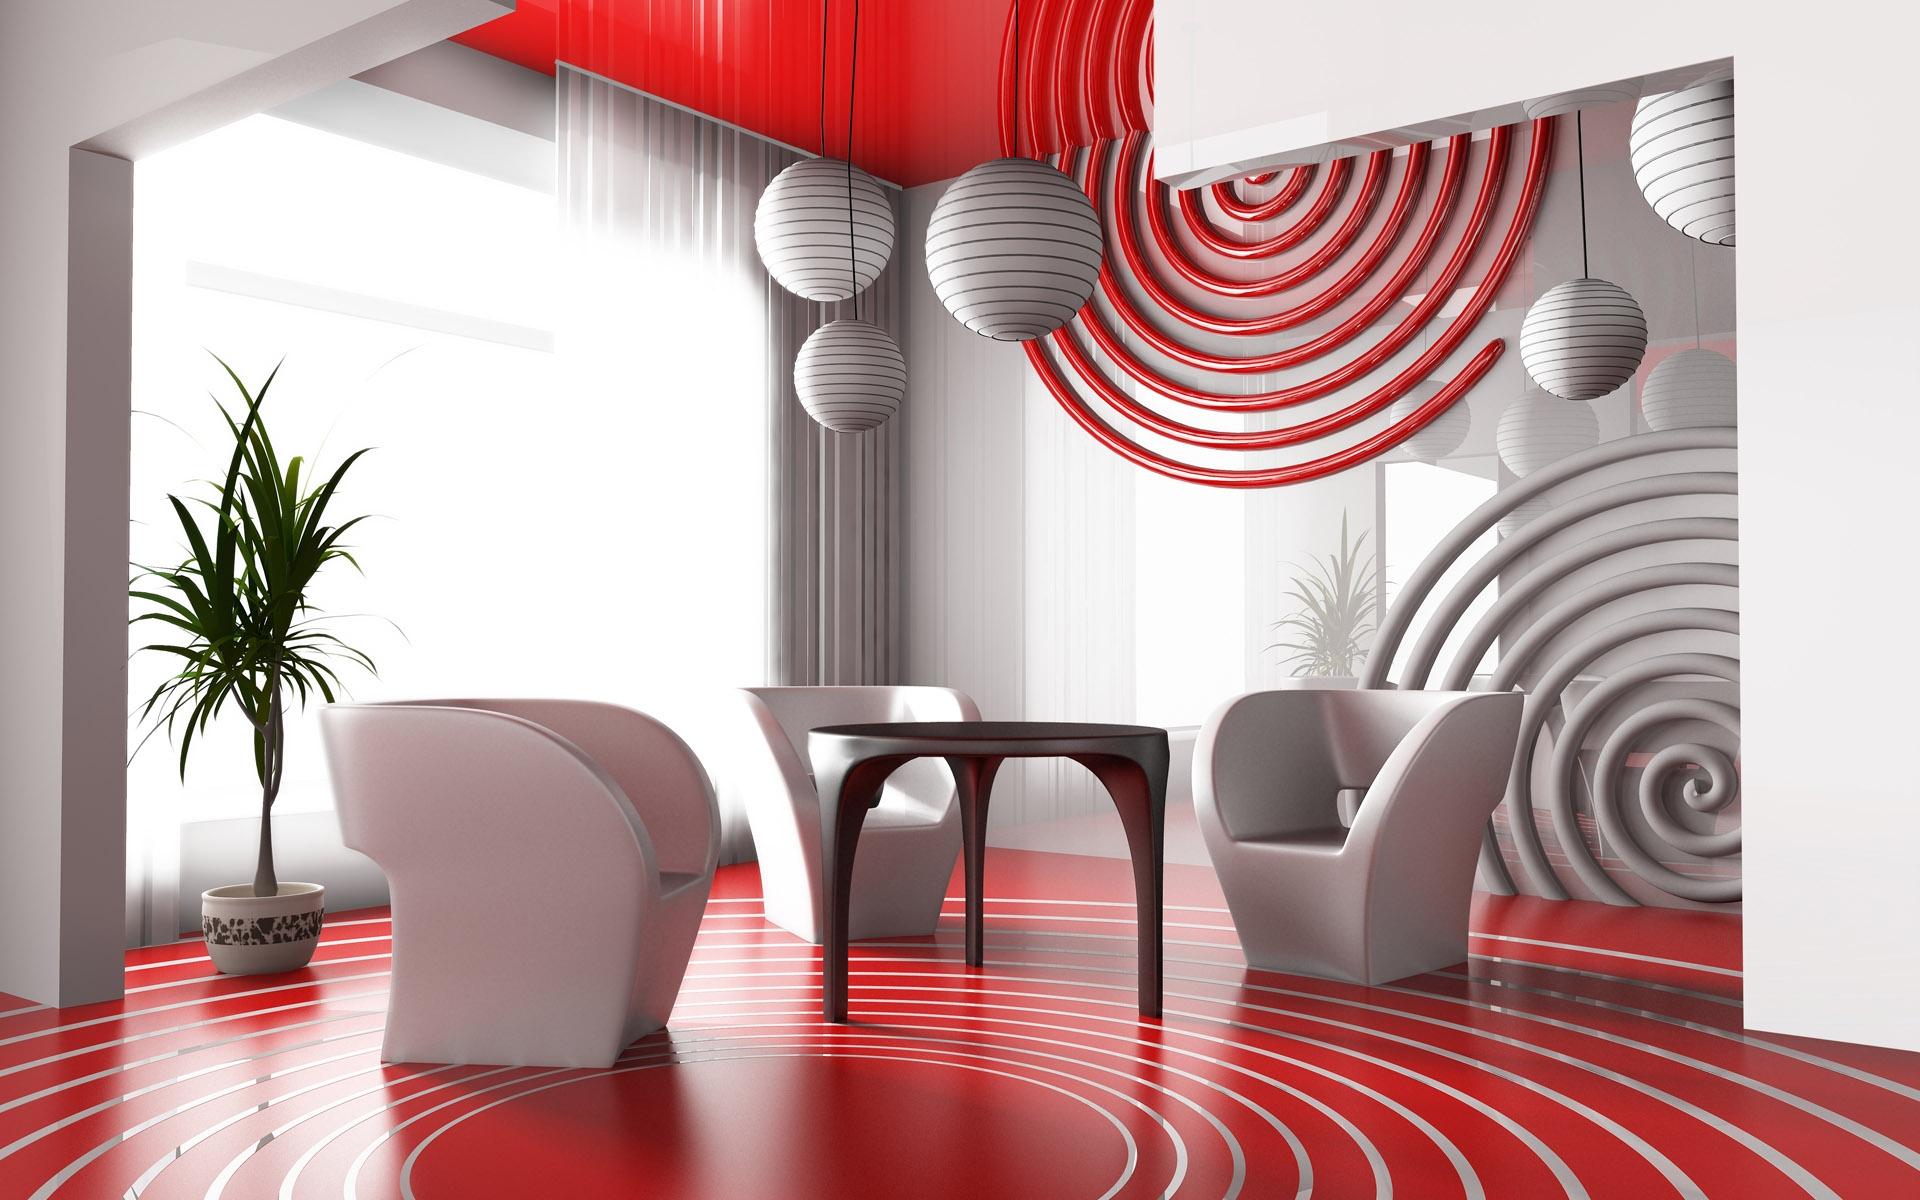 Rideaux Pour Salle A Manger Moderne fond d'écran : chambre, rouge, intérieur, mur, table, chaise